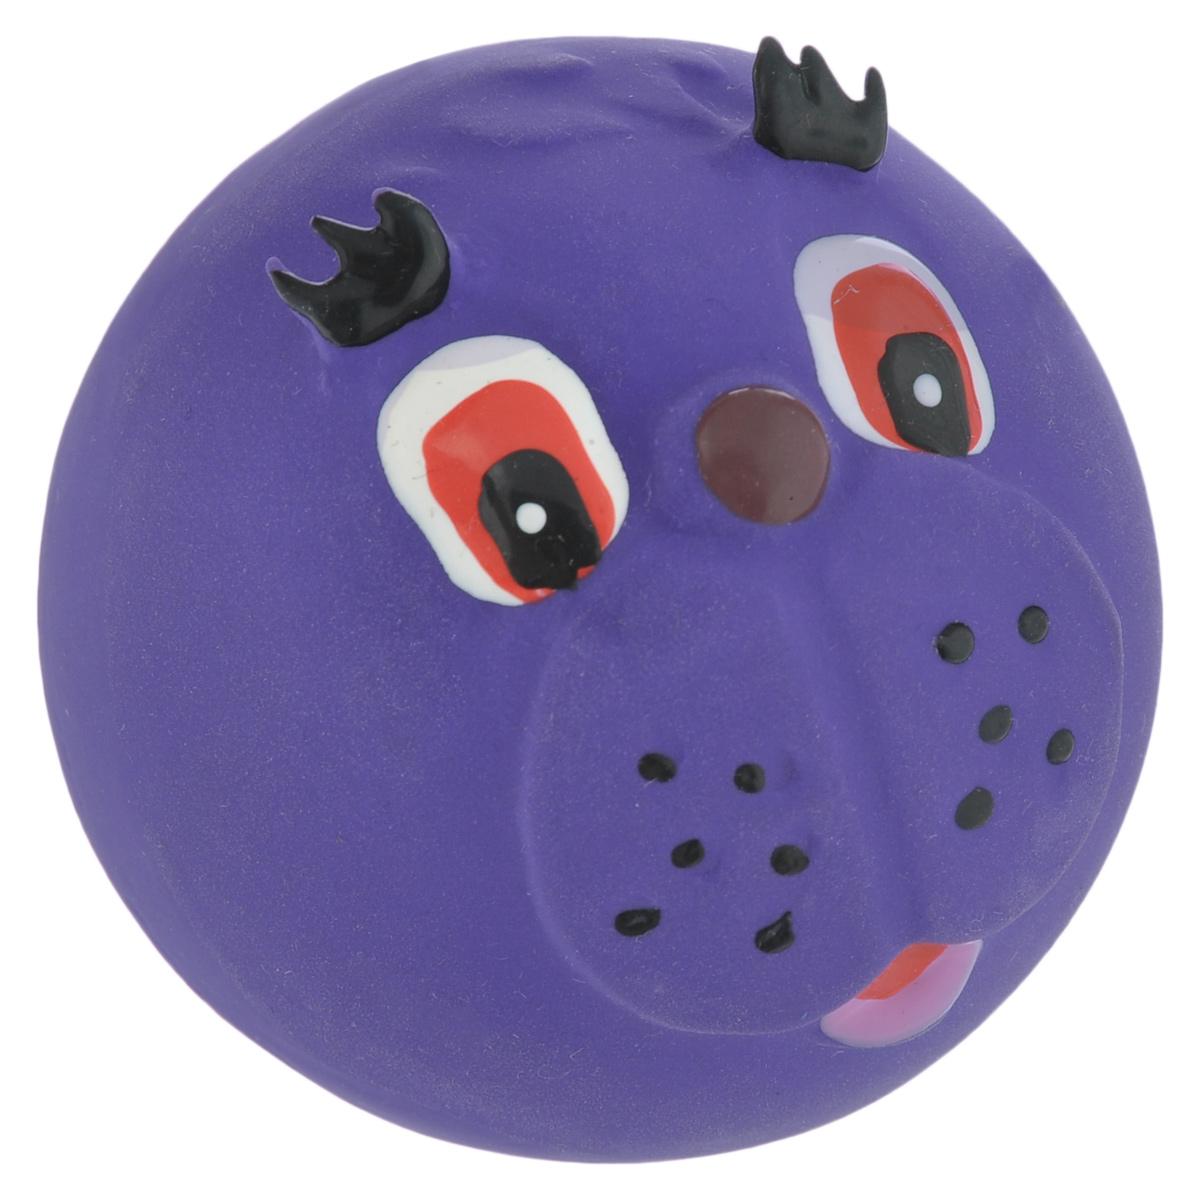 Игрушка для собак I.P.T.S. Мяч с мордочкой, цвет: фиолетовый, диаметр 7 см620560_фиолетовыйИгрушка для собак I.P.T.S. Мяч с мордочкой, изготовленная из высококачественного латекса, выполнена в виде мячика с милой мордочкой. Такая игрушка порадует вашего любимца, а вам доставит массу приятных эмоций, ведь наблюдать за игрой всегда интересно и приятно. Оставшись в одиночестве, ваша собака будет увлеченно играть.Диаметр: 7 см.